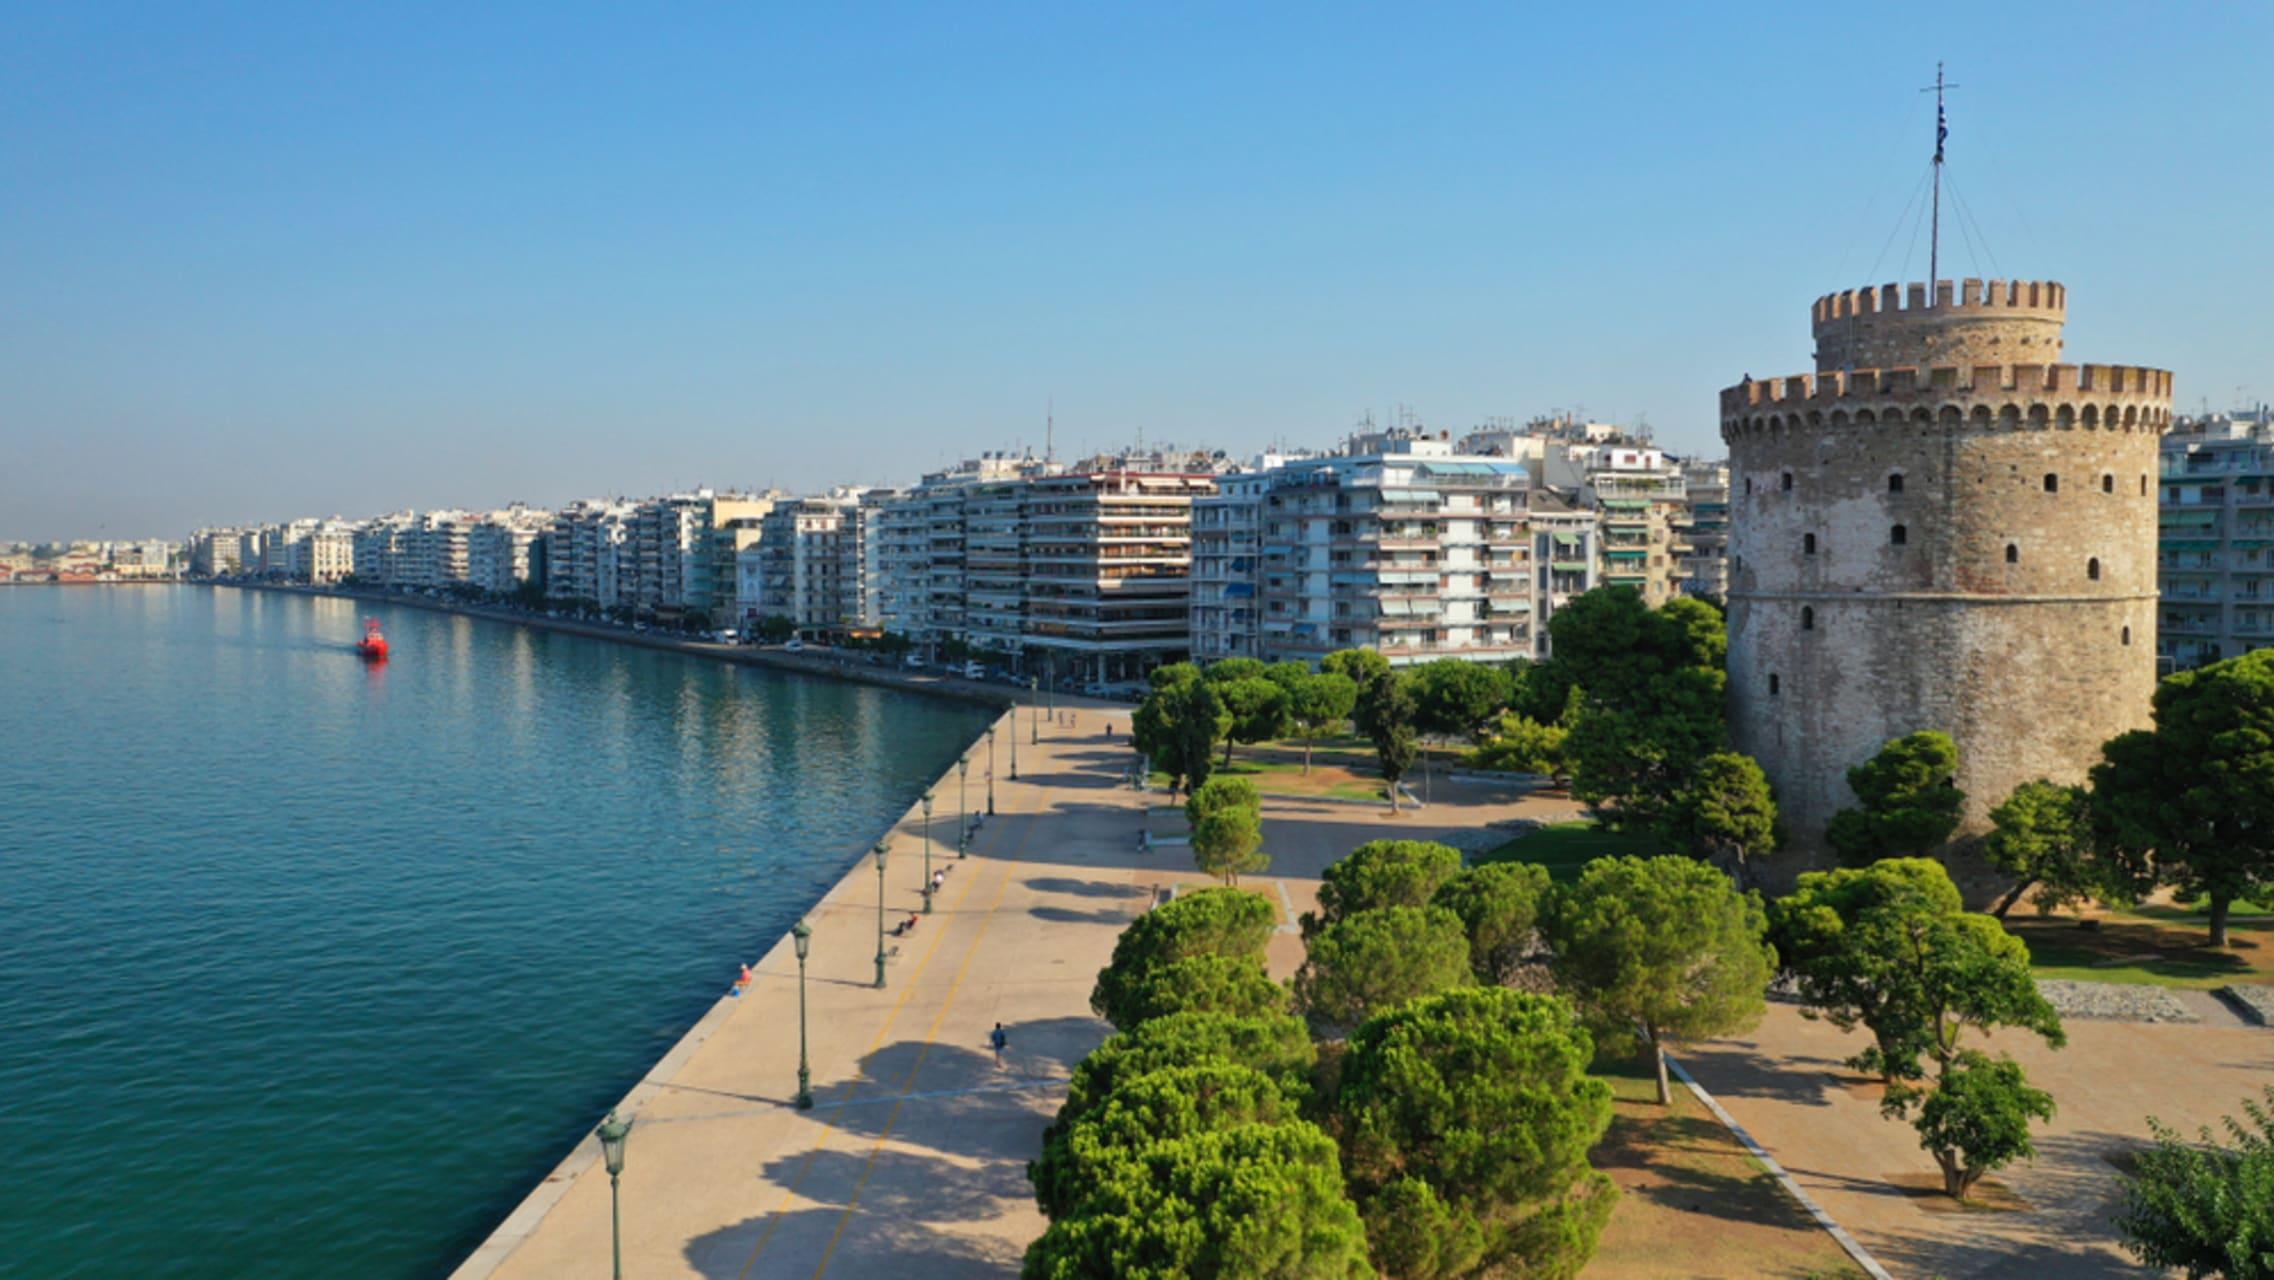 Thessaloniki - Thessaloniki: Walking on the promenade